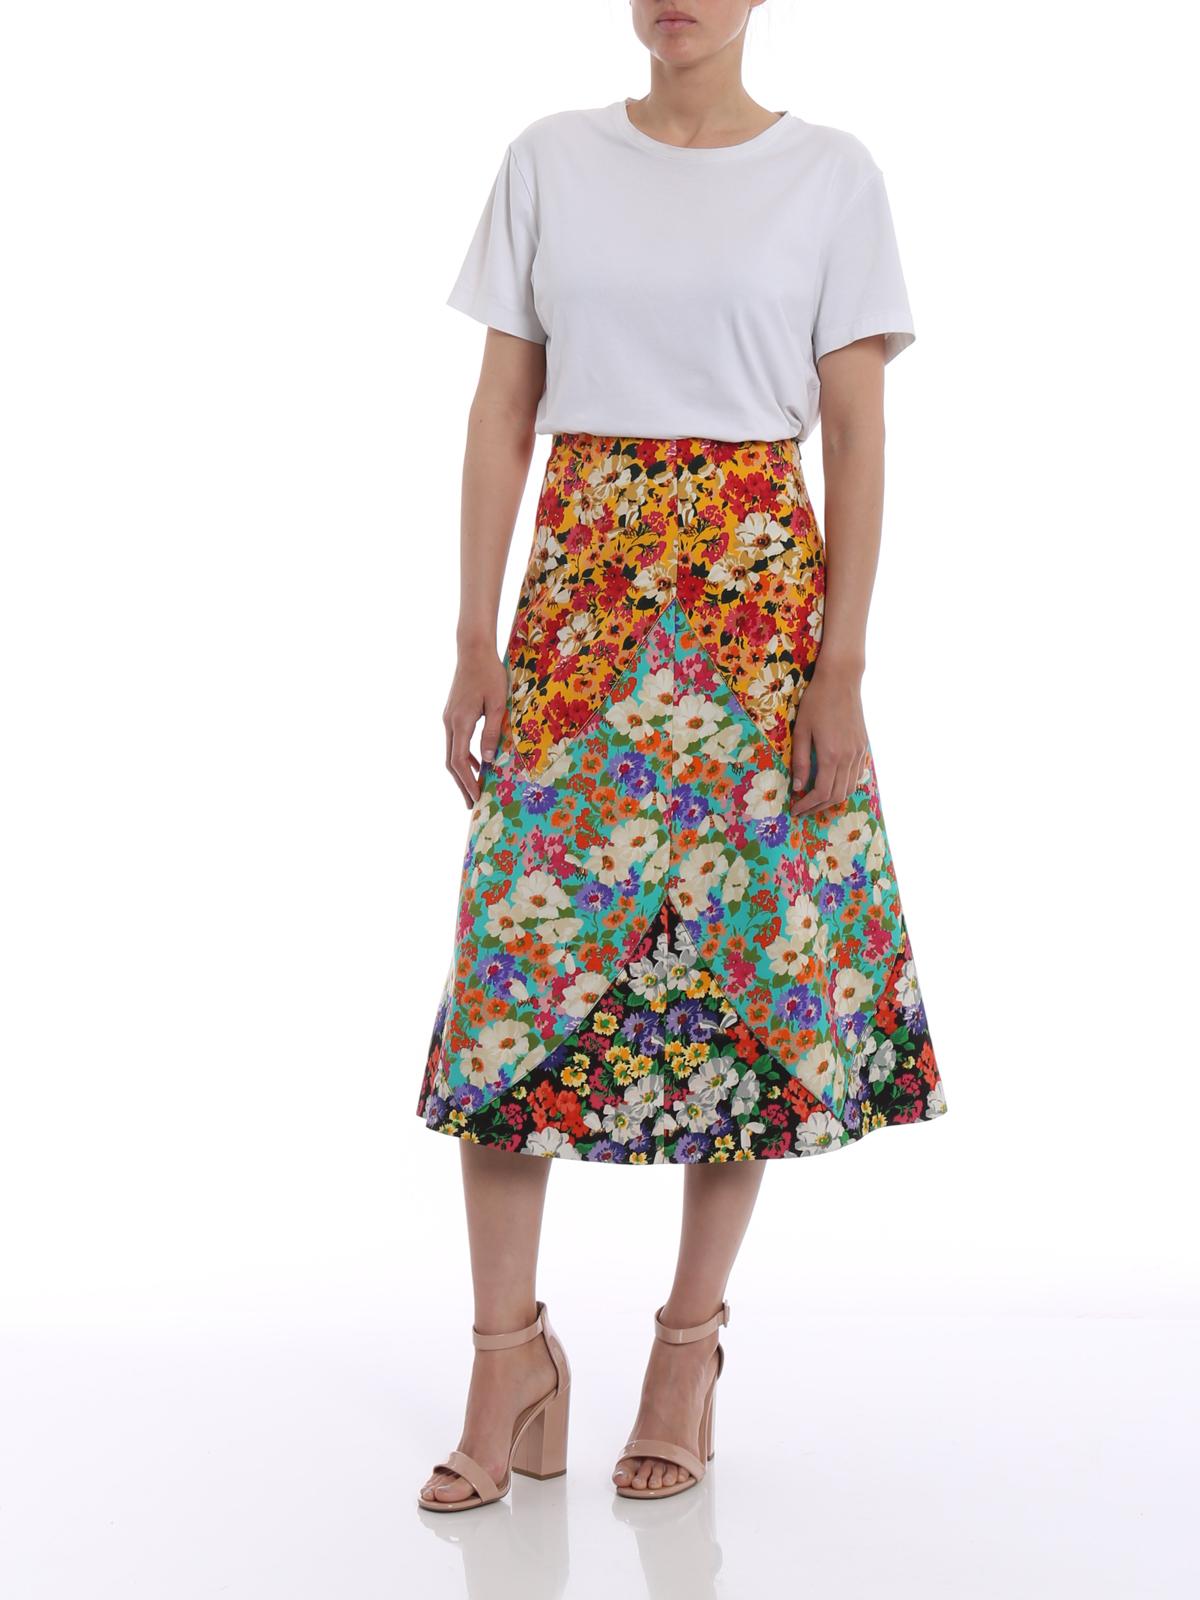 new styles 0a9ef 0a427 Gucci - 膝丈/ミディスカート - ファンタジー - ニーレングス ...